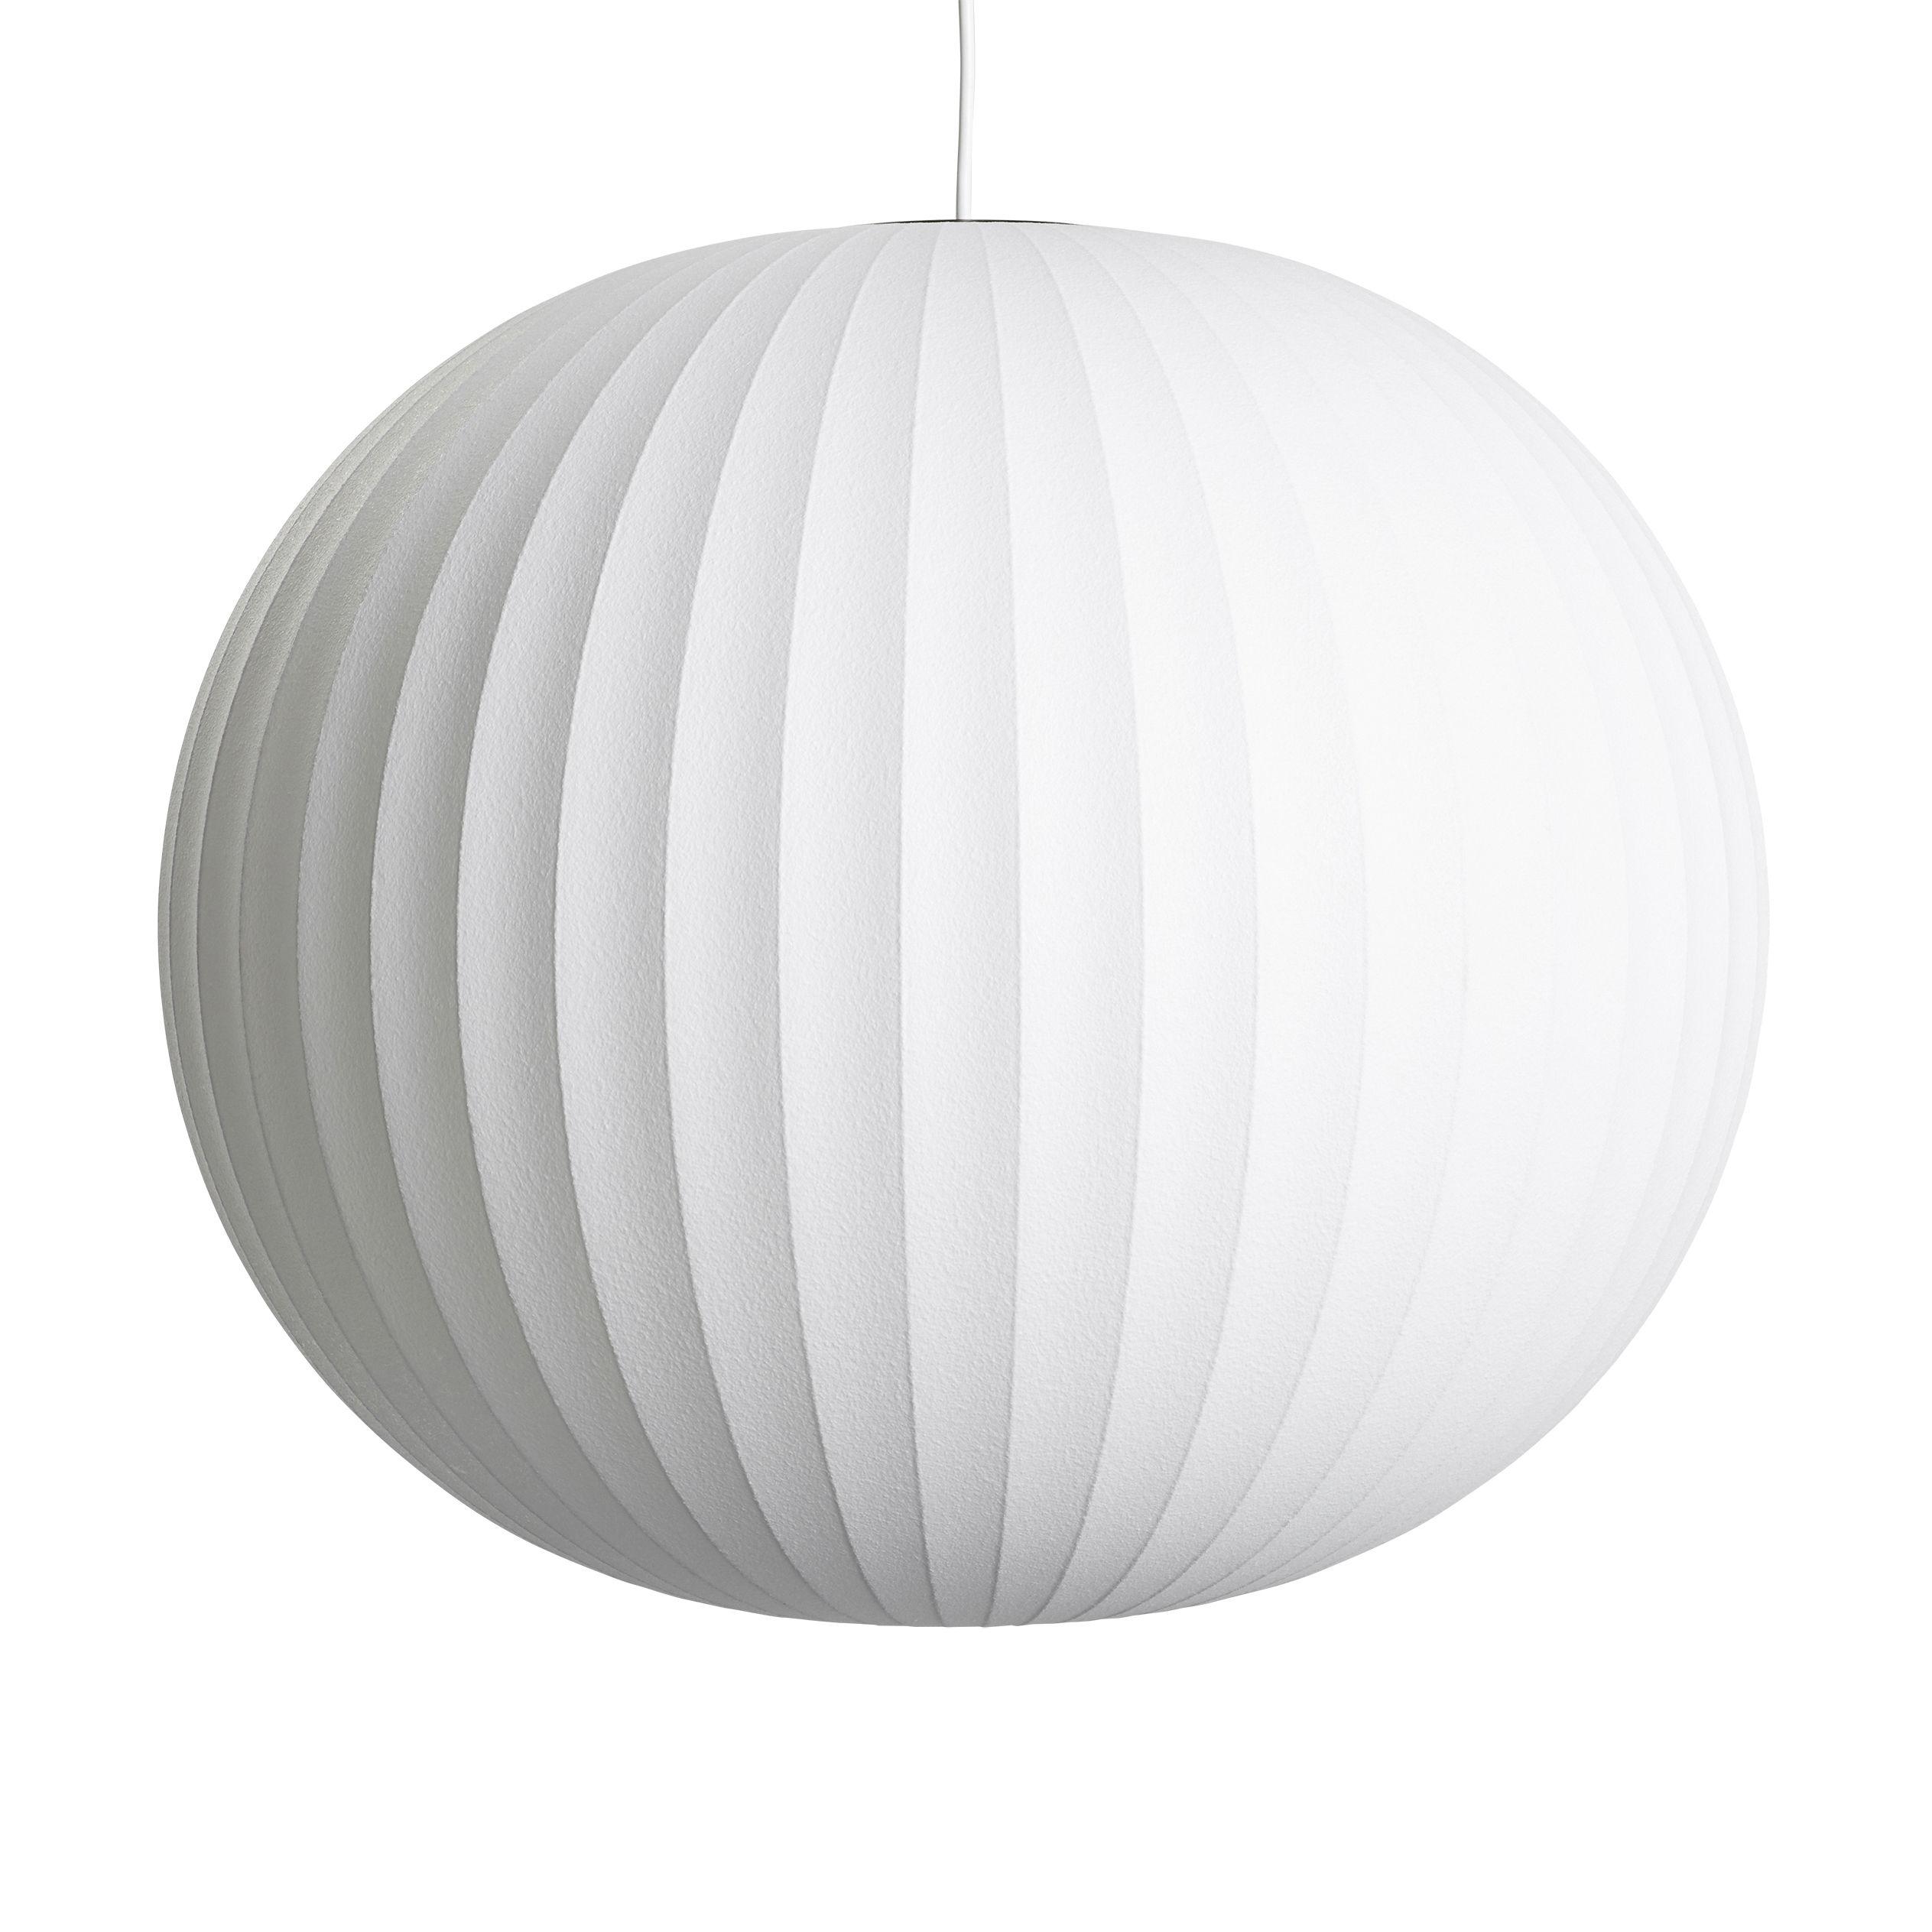 Illuminazione - Lampadari - Sospensione Bubble Ball - / Large - Motivi verticali di Hay - Ø 68 cm / Bianco sporco - Acciaio